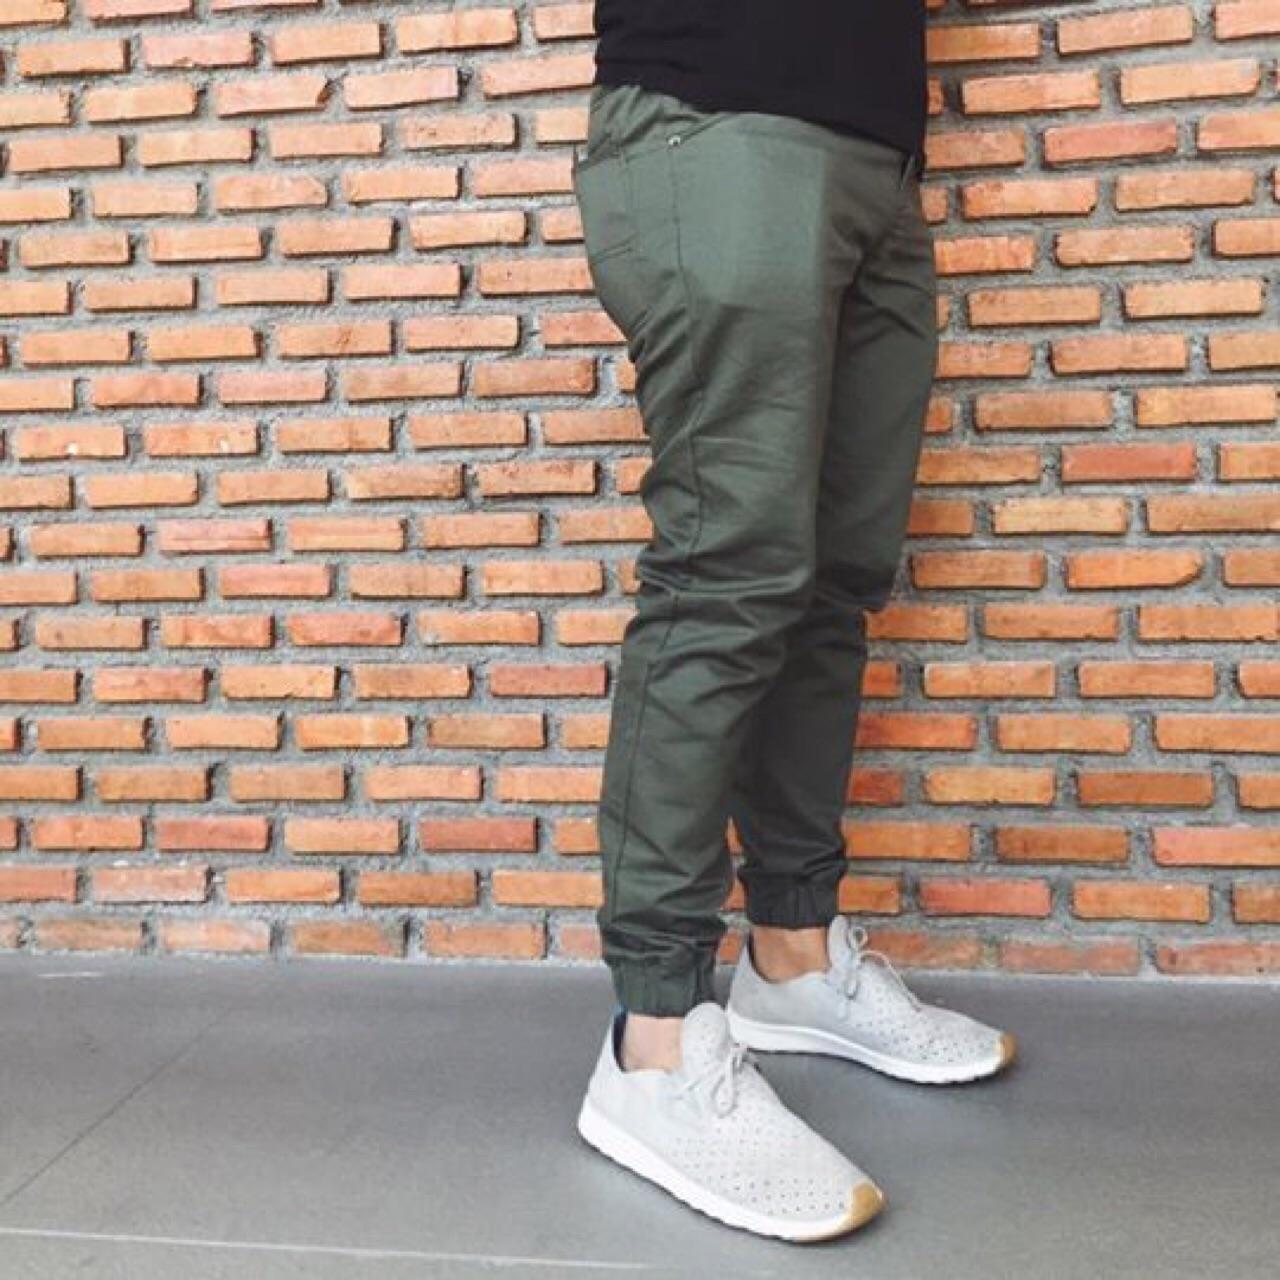 streetfashion,joggerdenim,fashion,jogger,joggerpants,denim_studio,men,ผู้ชาย,กางเกง,กางเกงผู้ชาย,กางเกงขายาว,กางเกงขายาวผู้ชาย